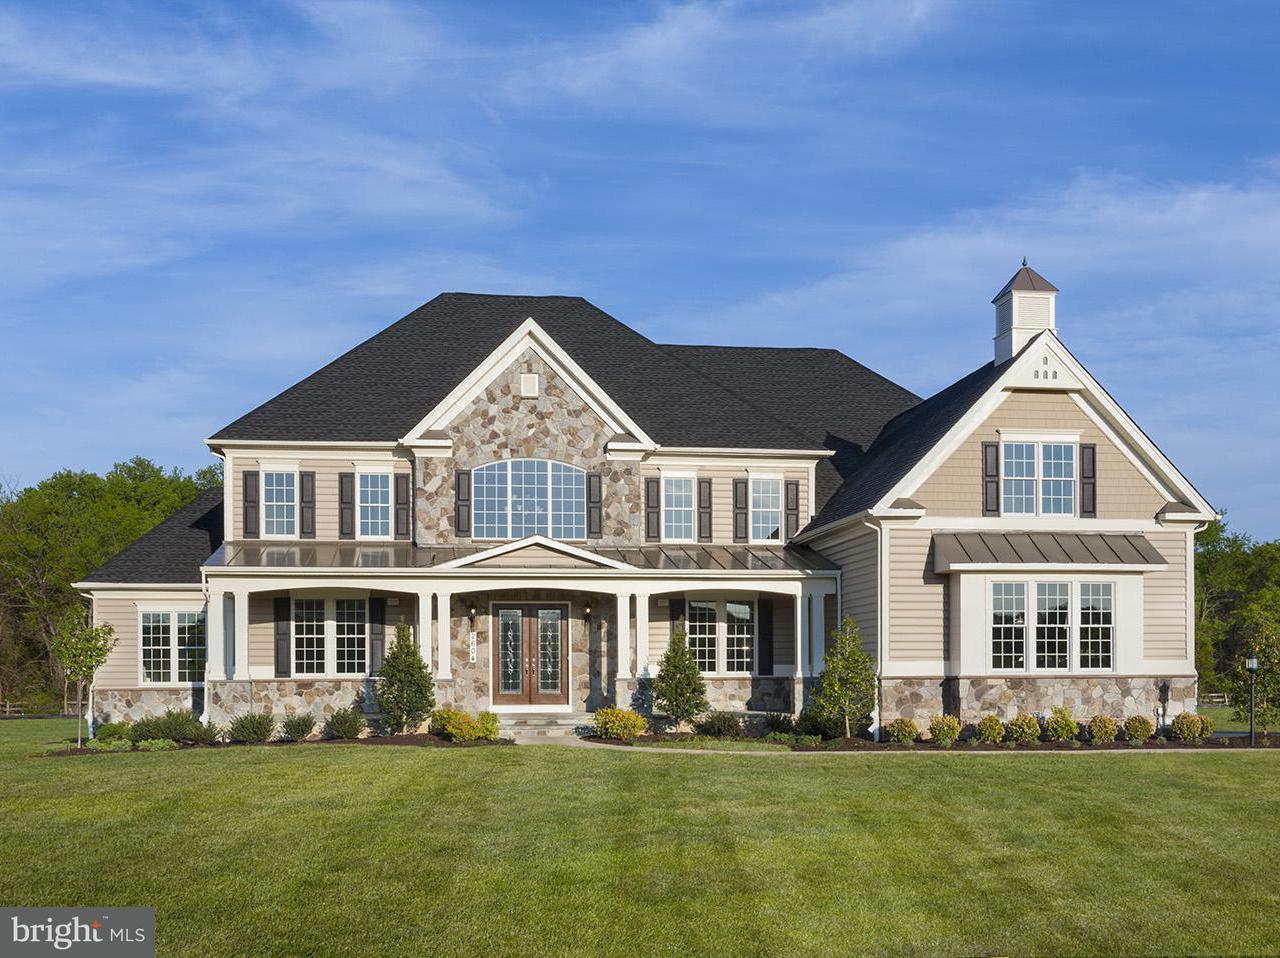 獨棟家庭住宅 為 出售 在 16658 BRIDLE RIDGE Lane 16658 BRIDLE RIDGE Lane Olney, 馬里蘭州 20832 美國